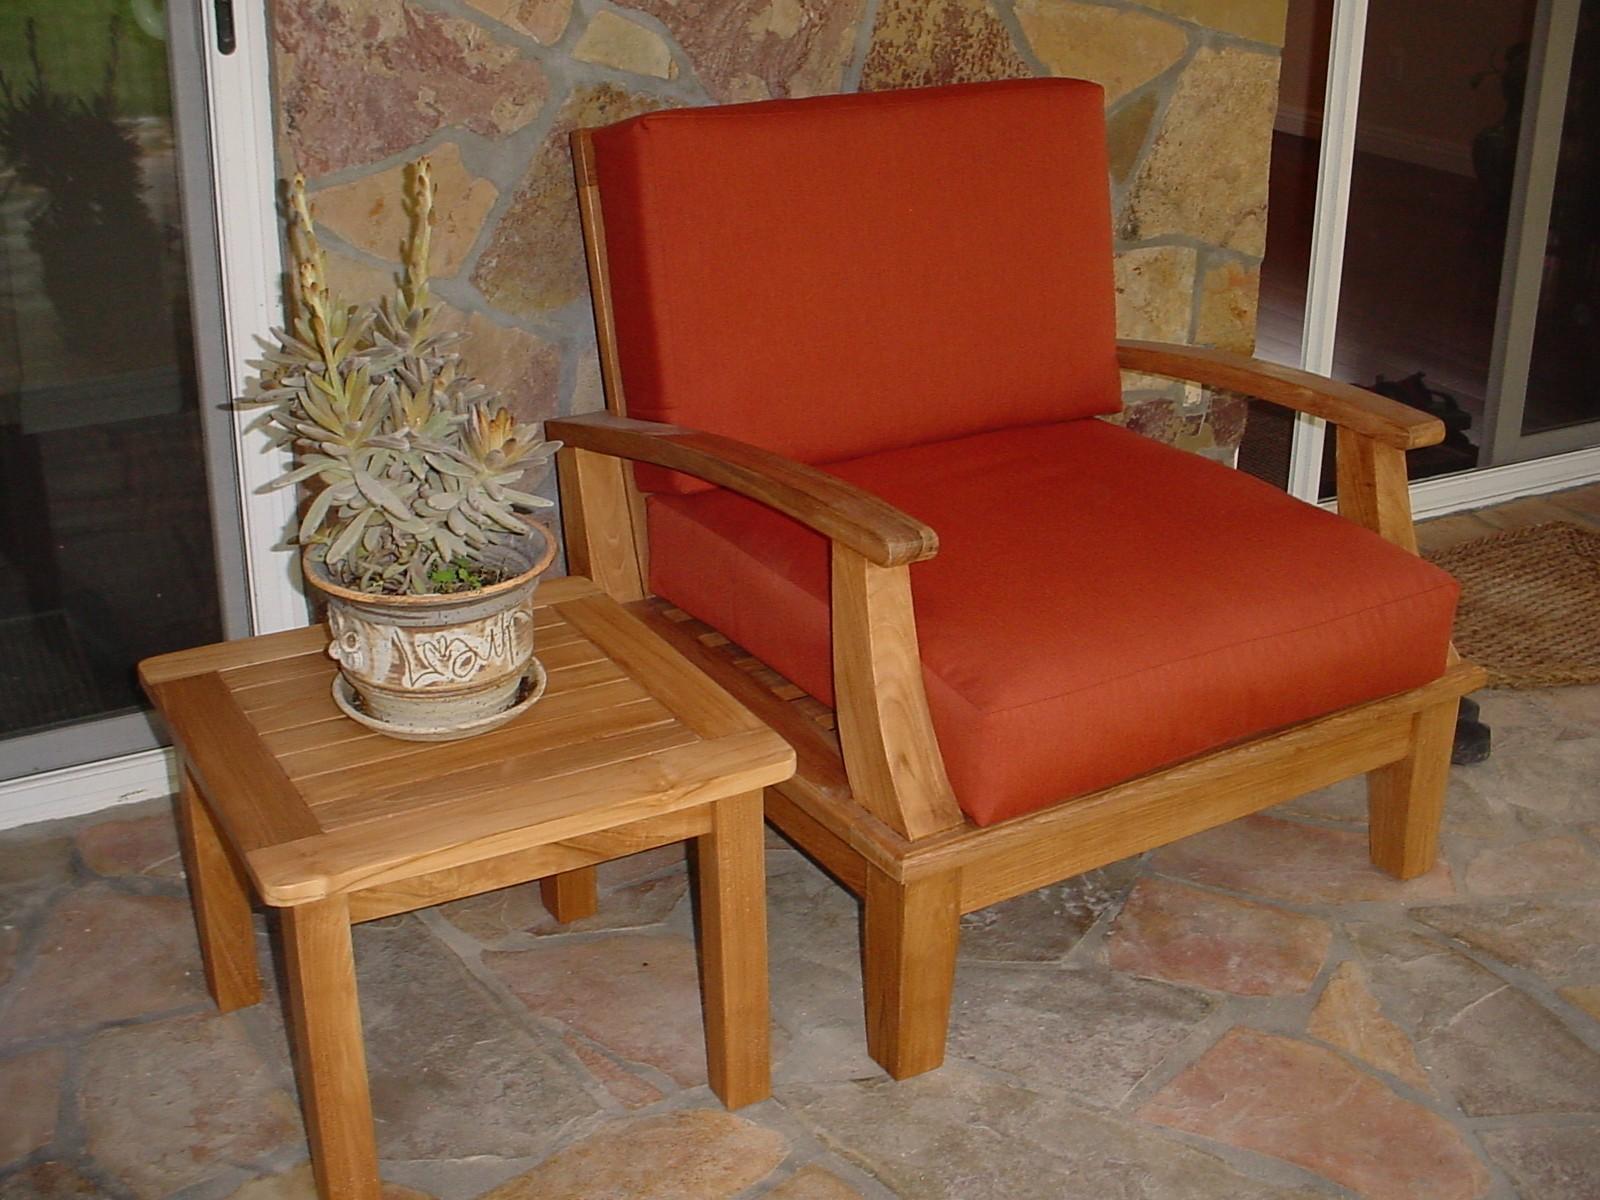 Coj n sillones exterior de asiento - Cojin sillon ...